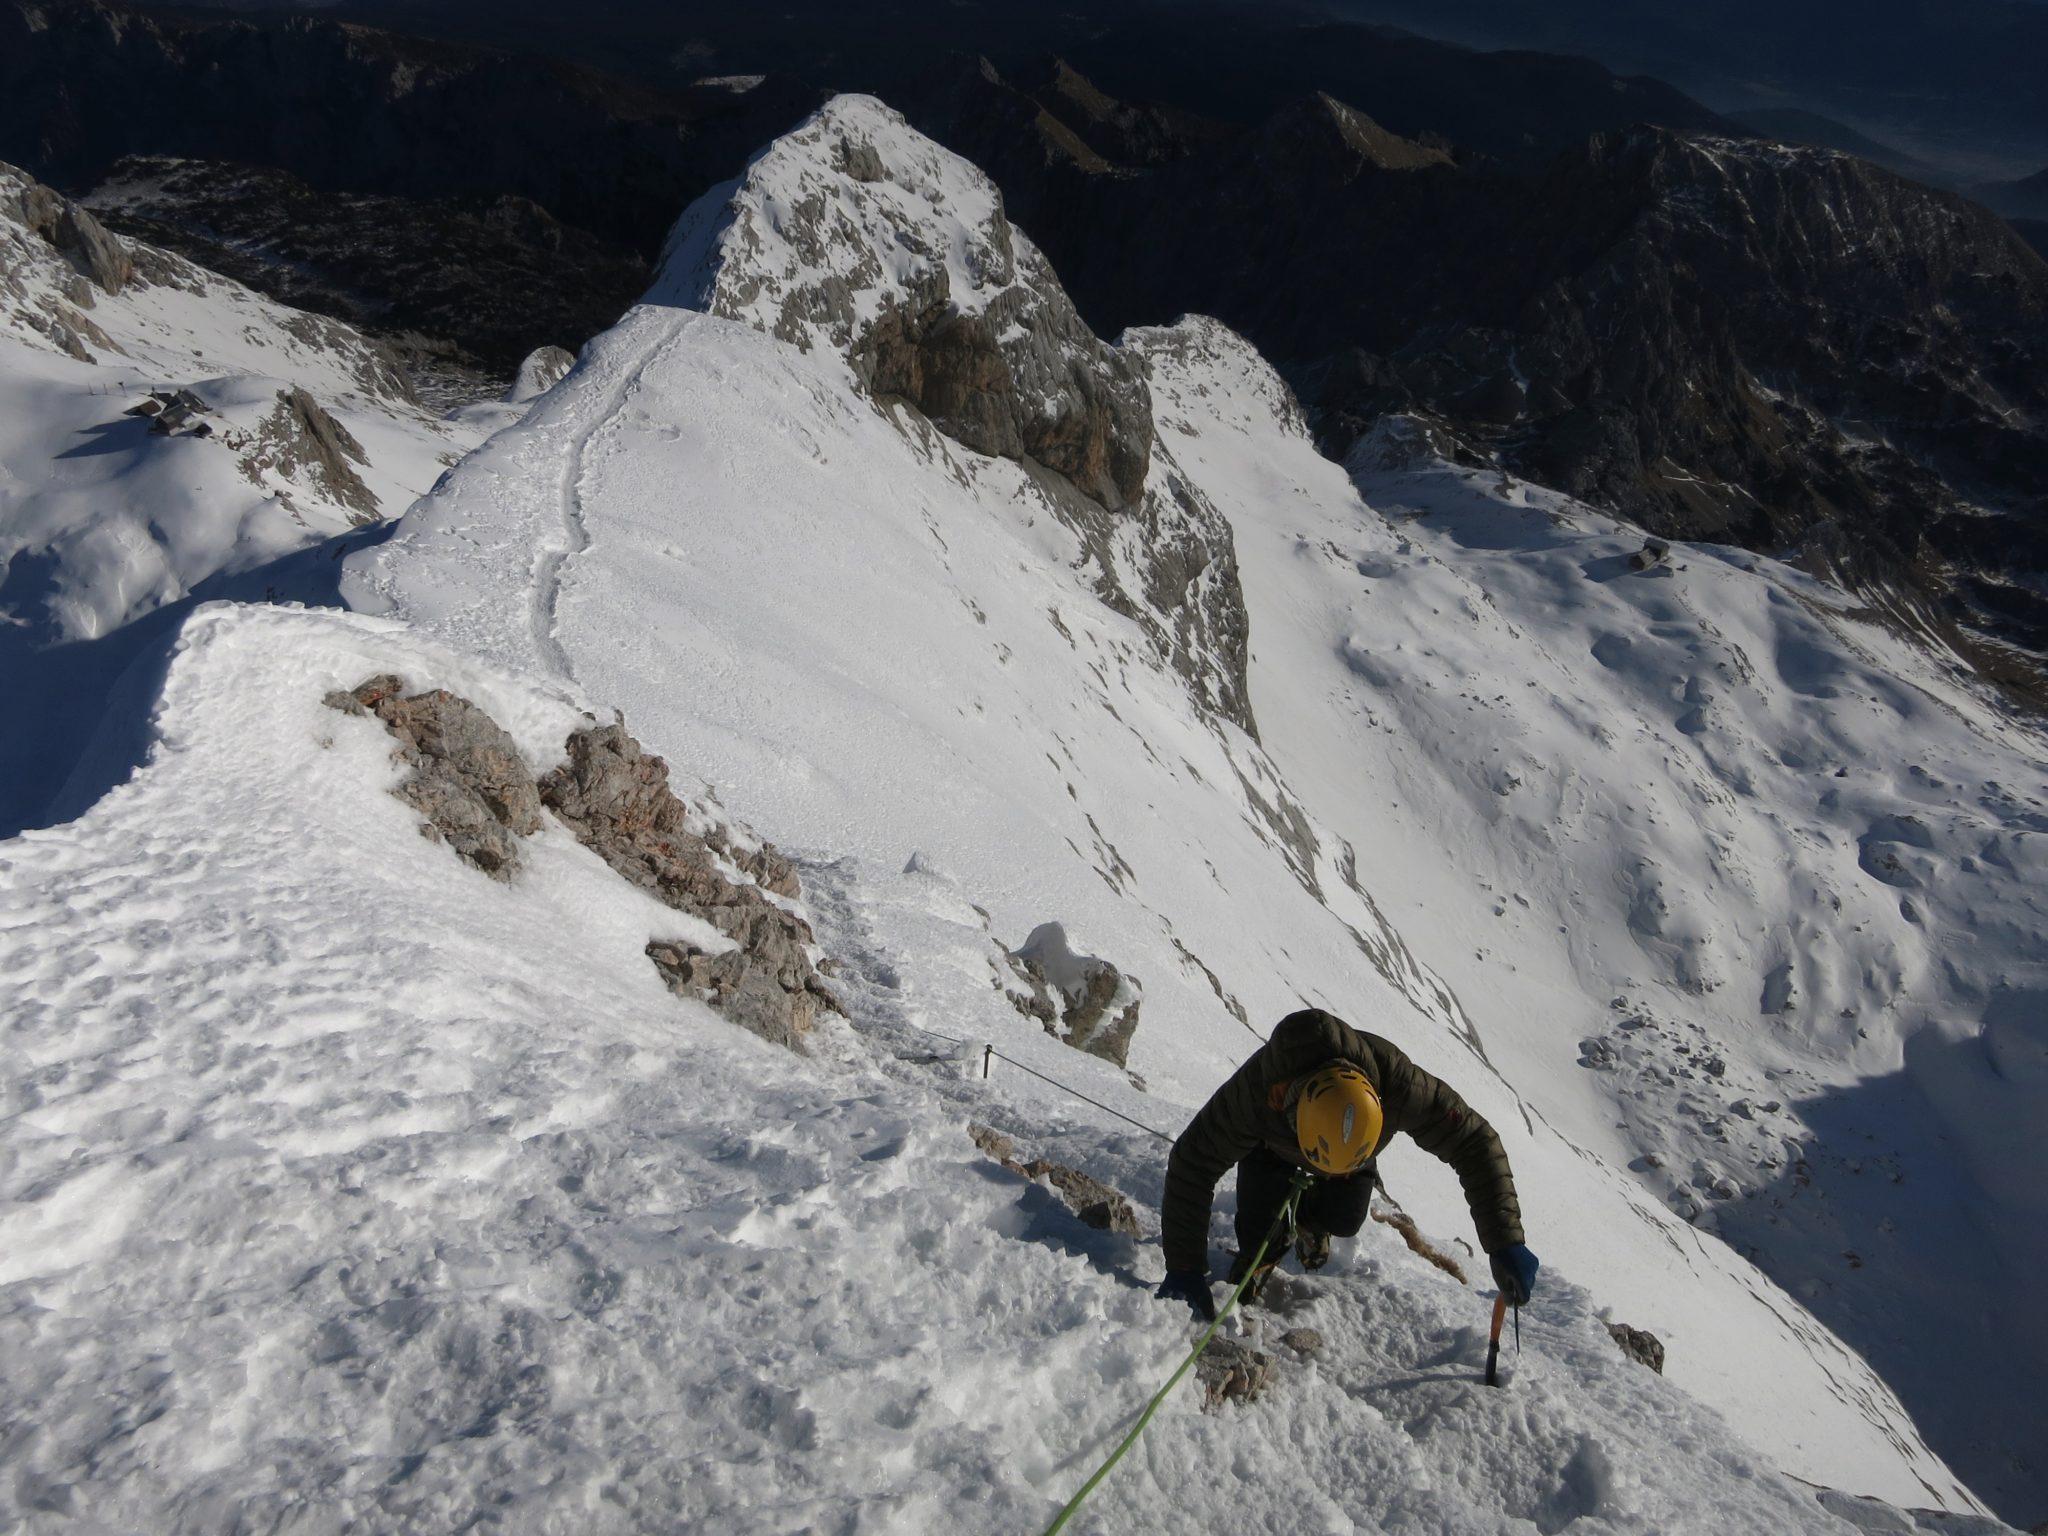 A climber on the way to Triglav, Slovenia.